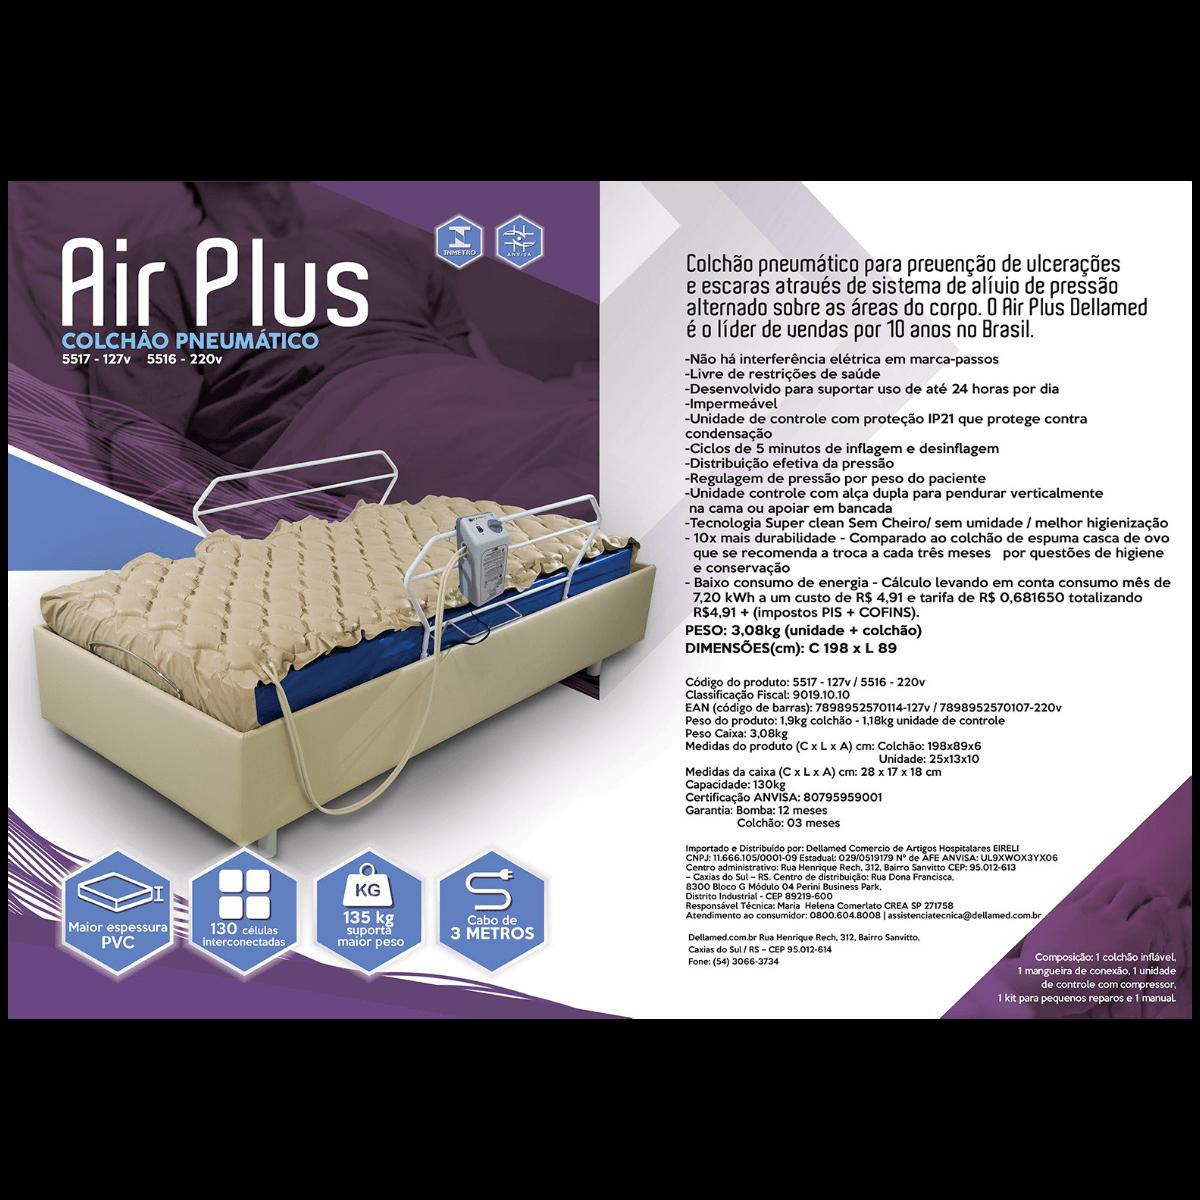 Colchão Pneumático Prevenção 220V Air Plus Dellamed